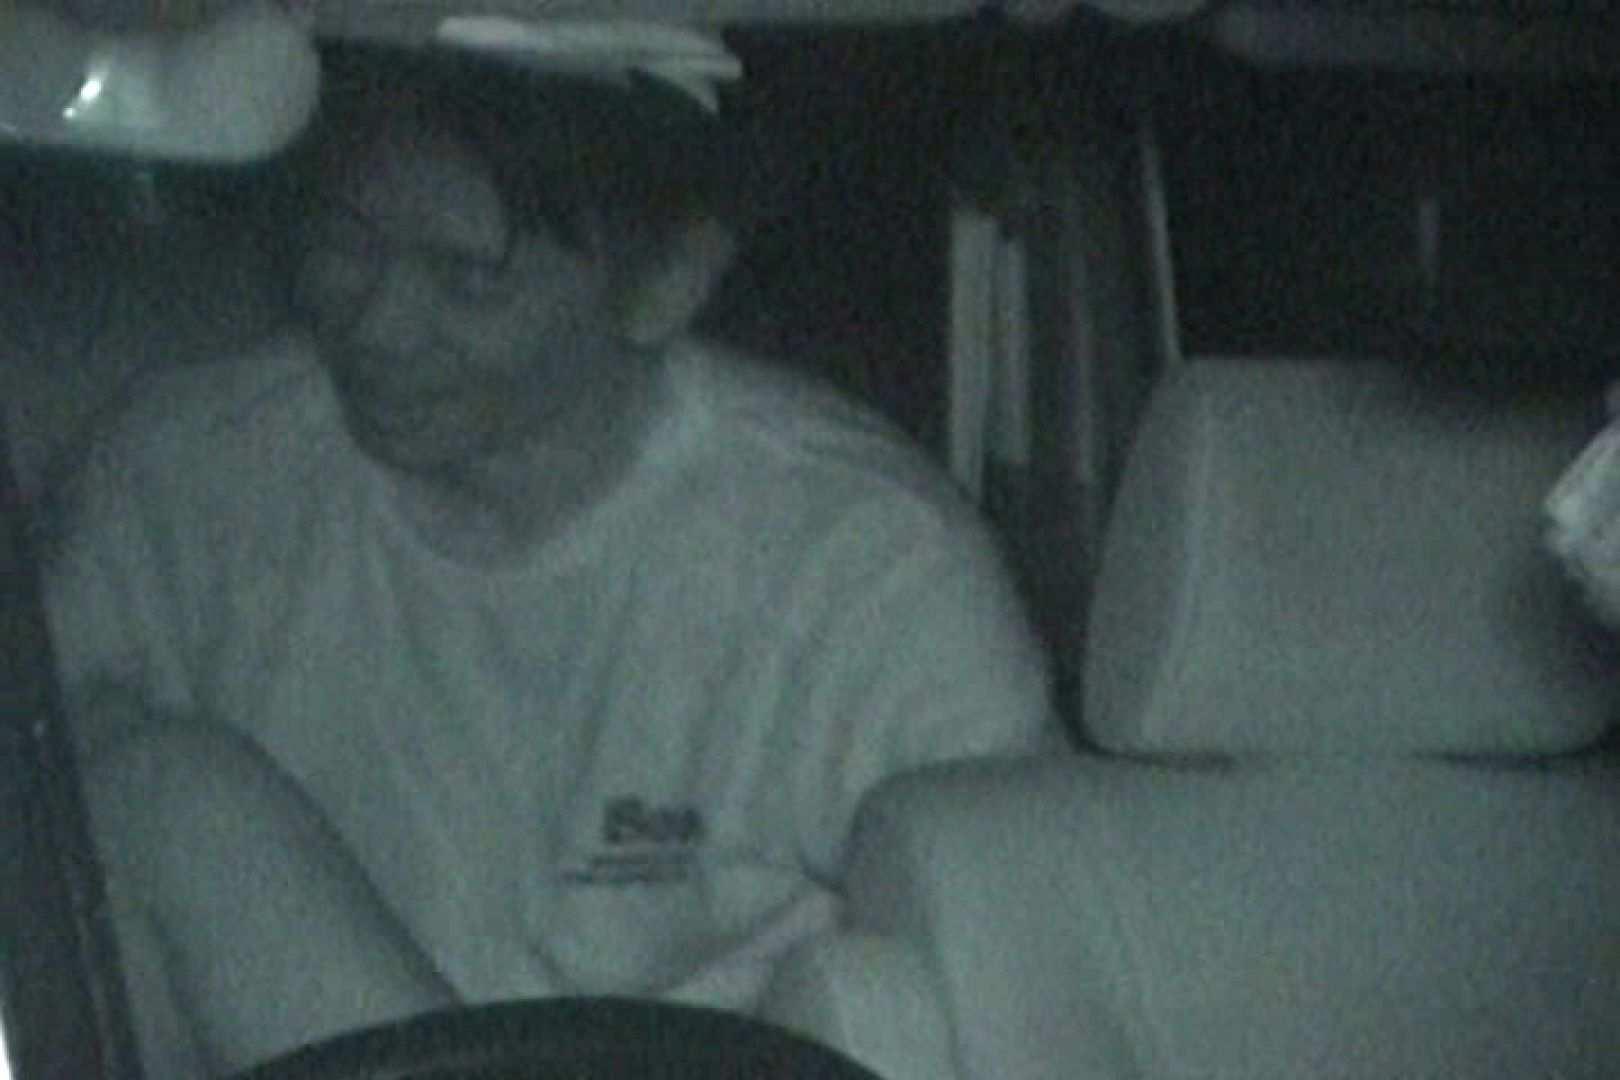 充血監督の深夜の運動会Vol.148 エロティックなOL | 車の中のカップル  88画像 25